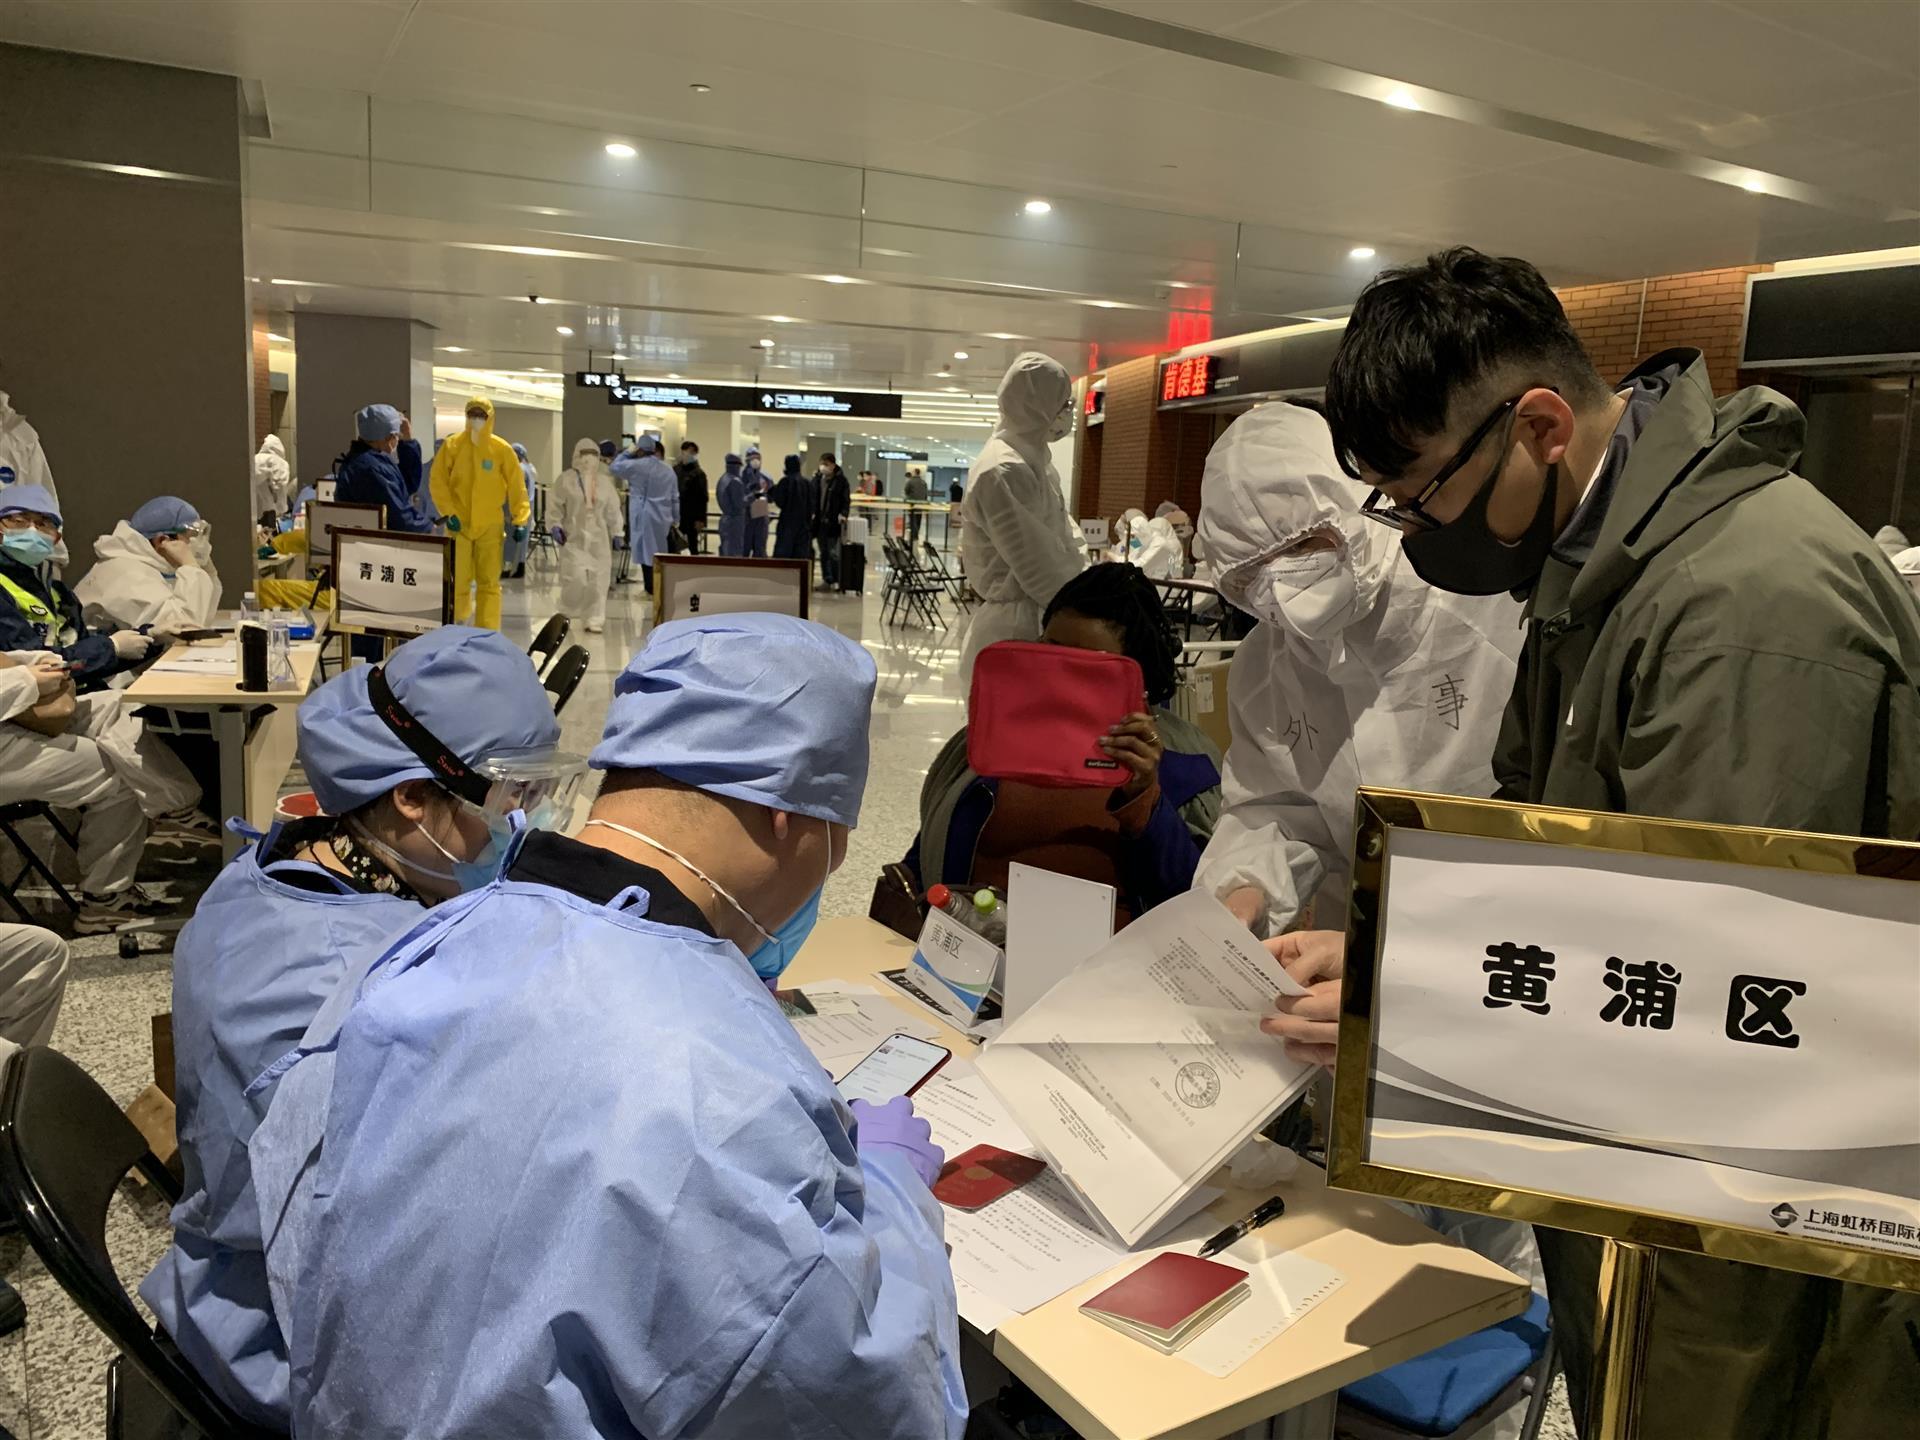 在机场,志愿者的一句话,让日本旅客红了眼眶